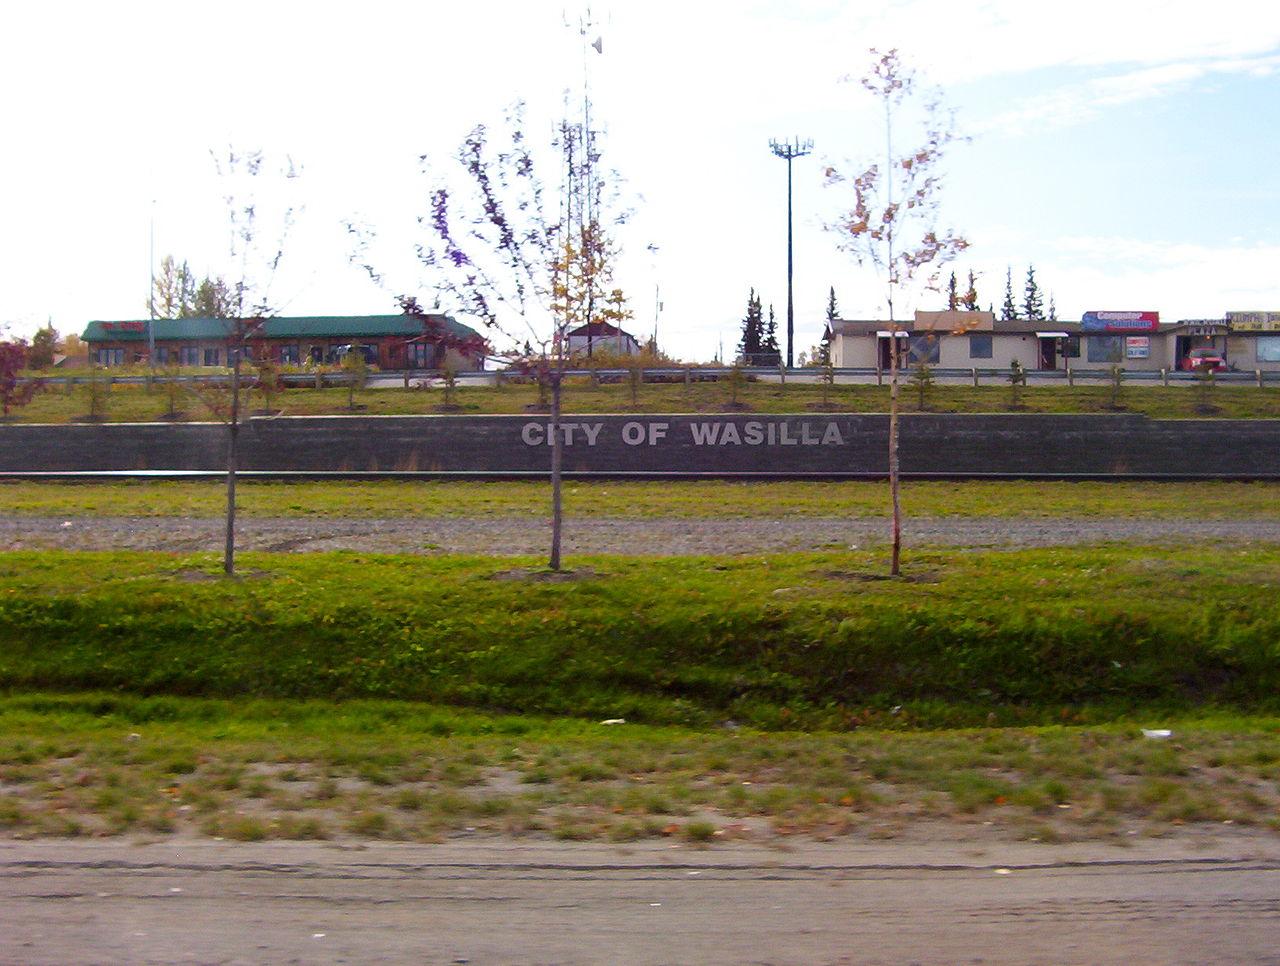 1280px-Cityofwasilla